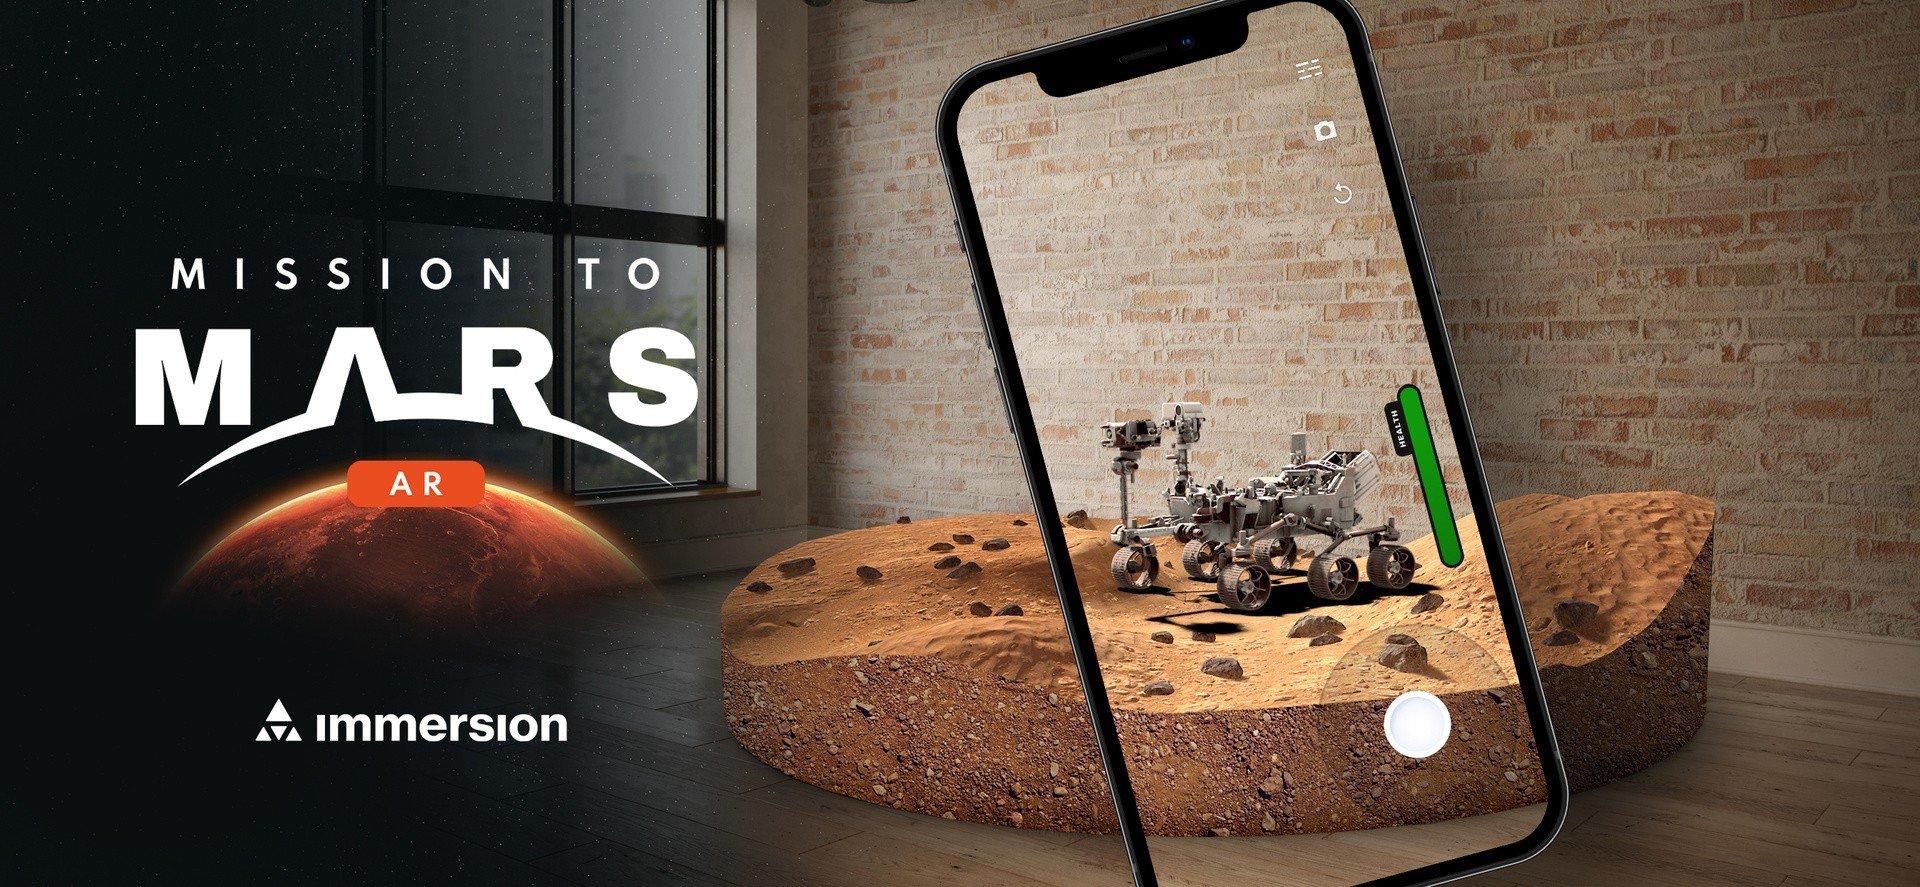 """Quer pôr o rover Perseverance da NASA a """"passear"""" pela sala de estar? Com a Mission to Mars AR é possível"""